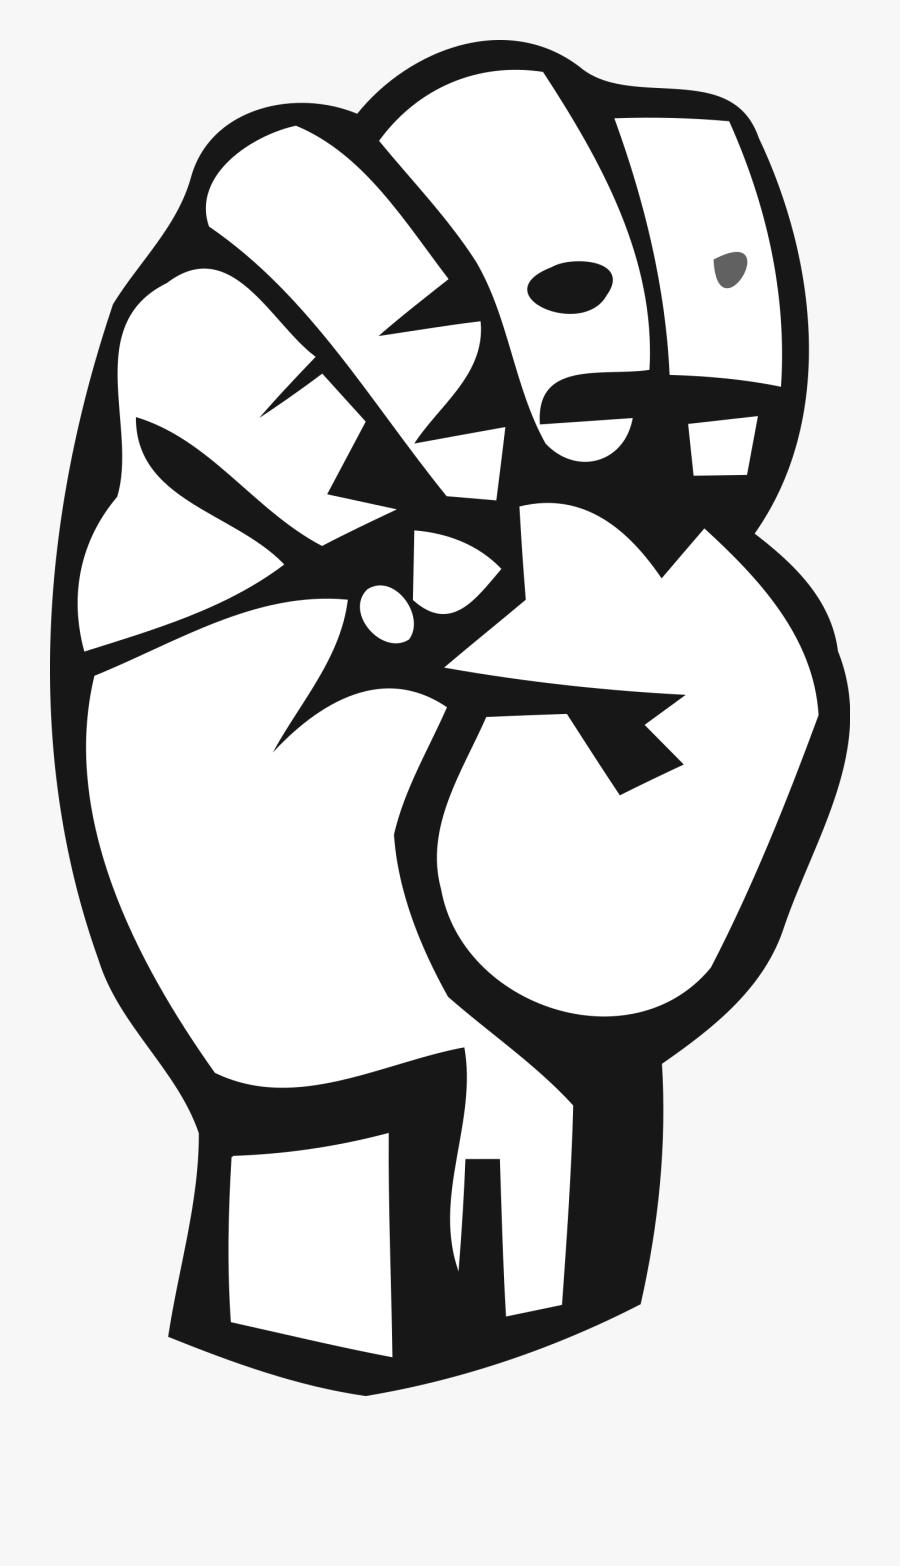 Transparent Shhhhh Clipart - American Sign Language Letter E, Transparent Clipart